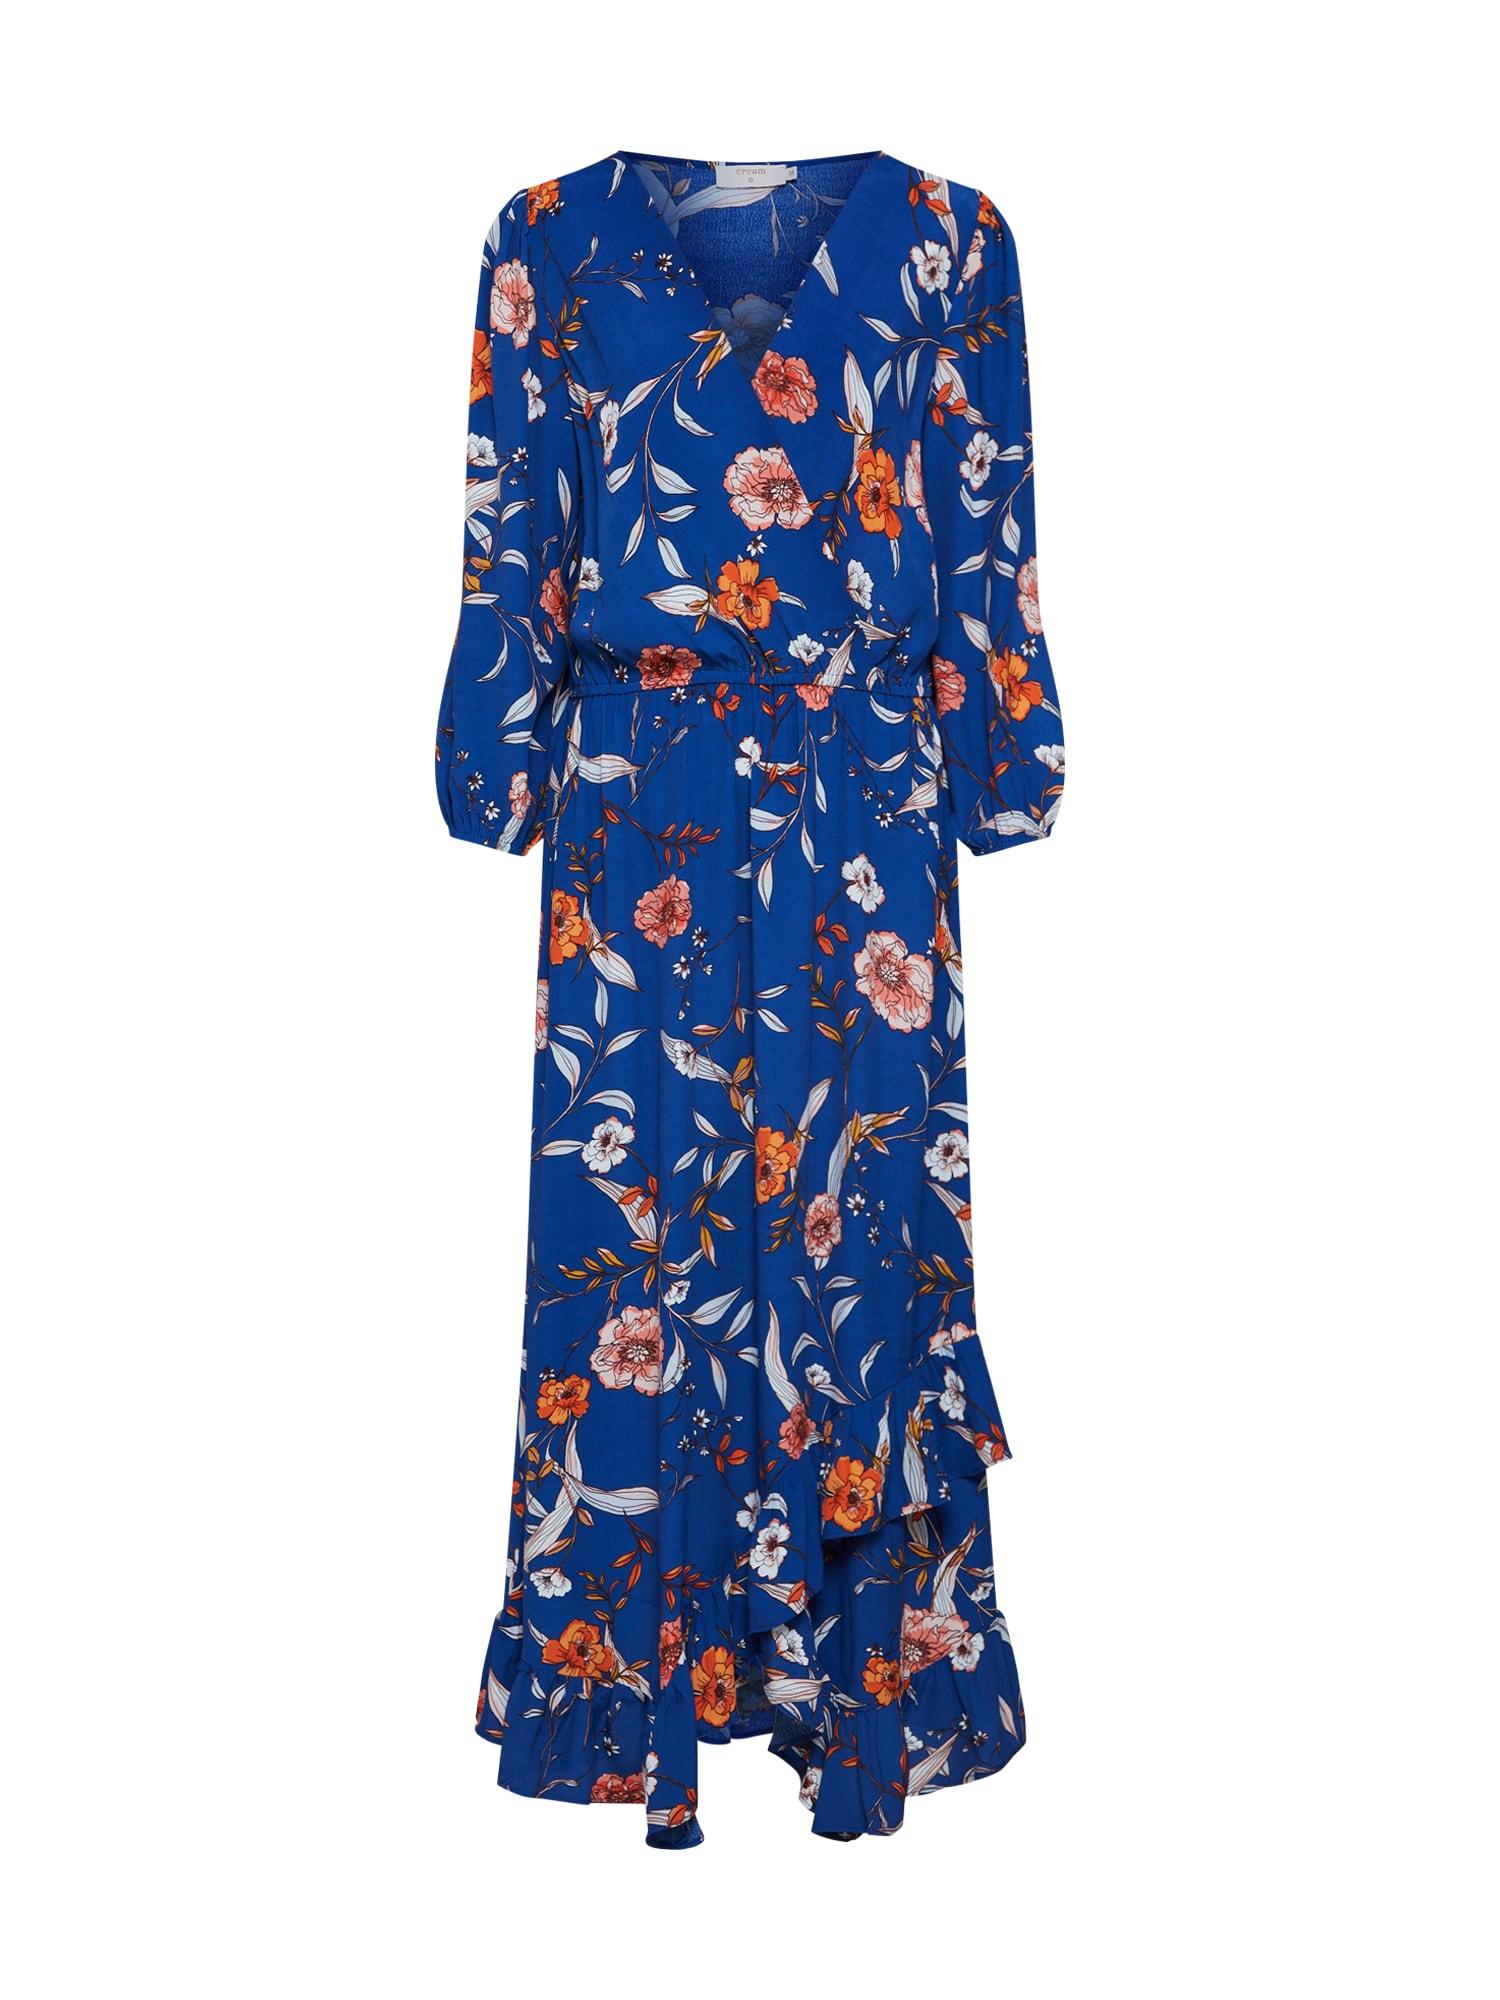 Letní šaty Ally tmavě modrá mix barev Cream